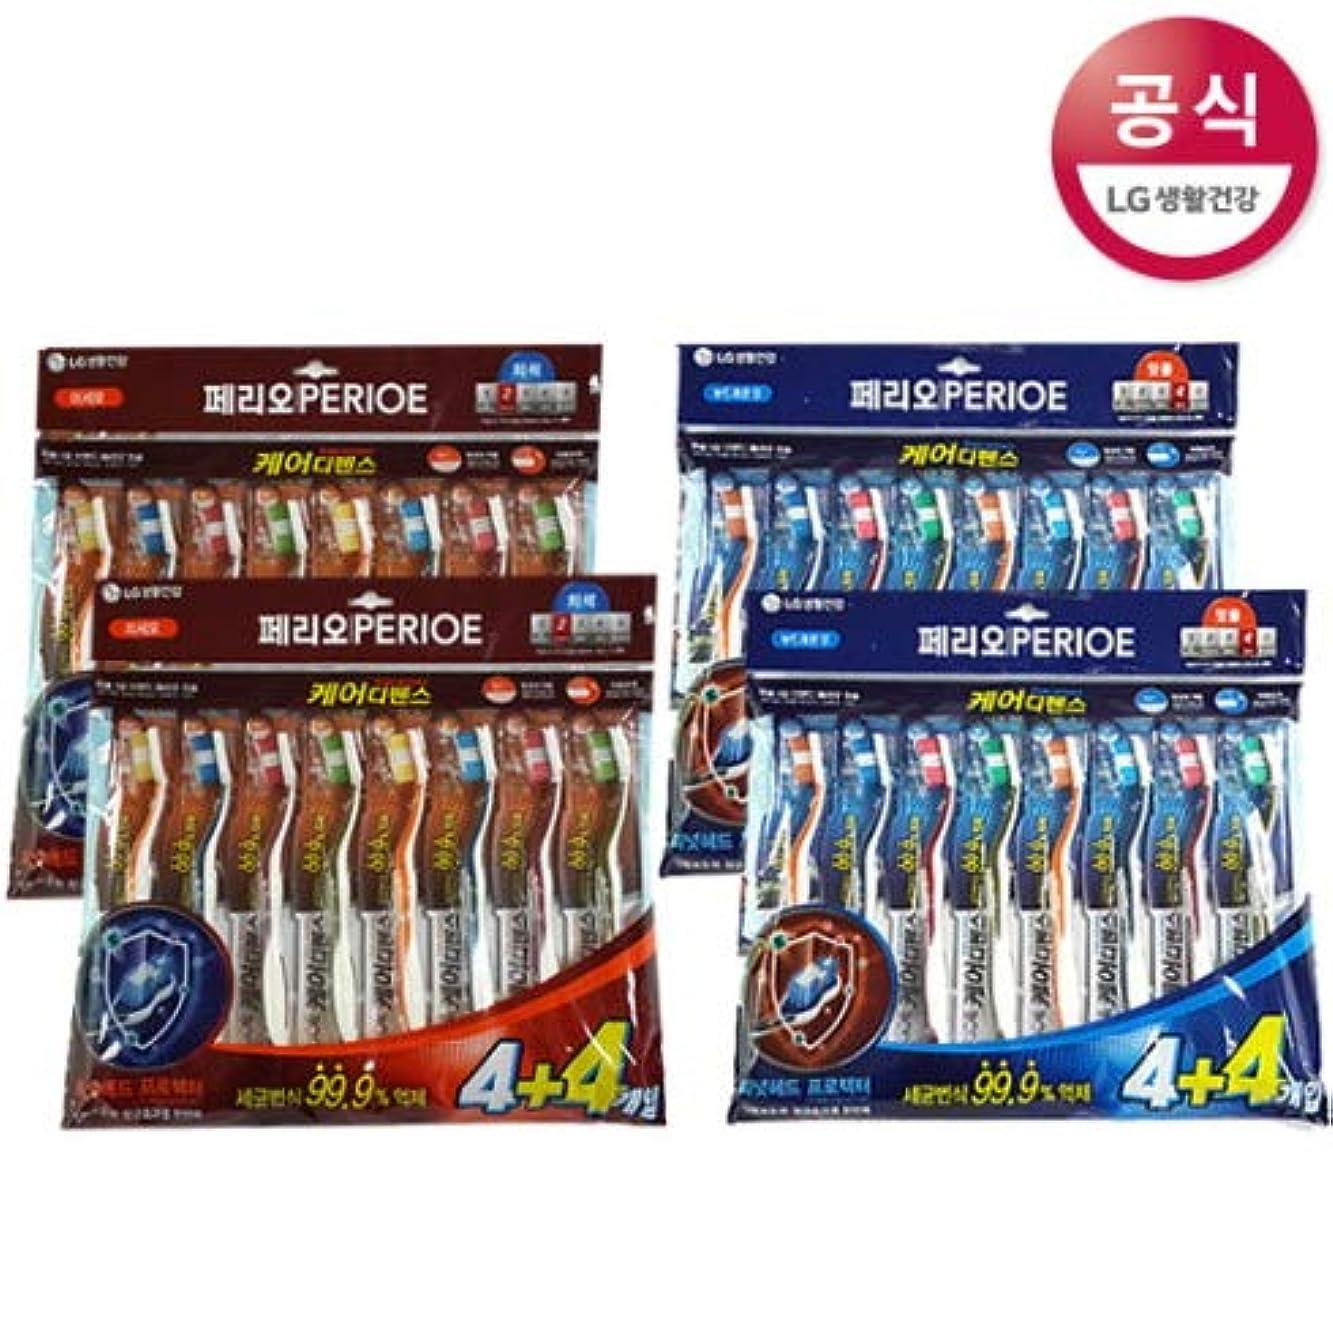 鷲患者気難しい[LG HnB] Perio Care Defense Toothbrush/ペリオケアディフェンス歯ブラシ 8口x4個(海外直送品)